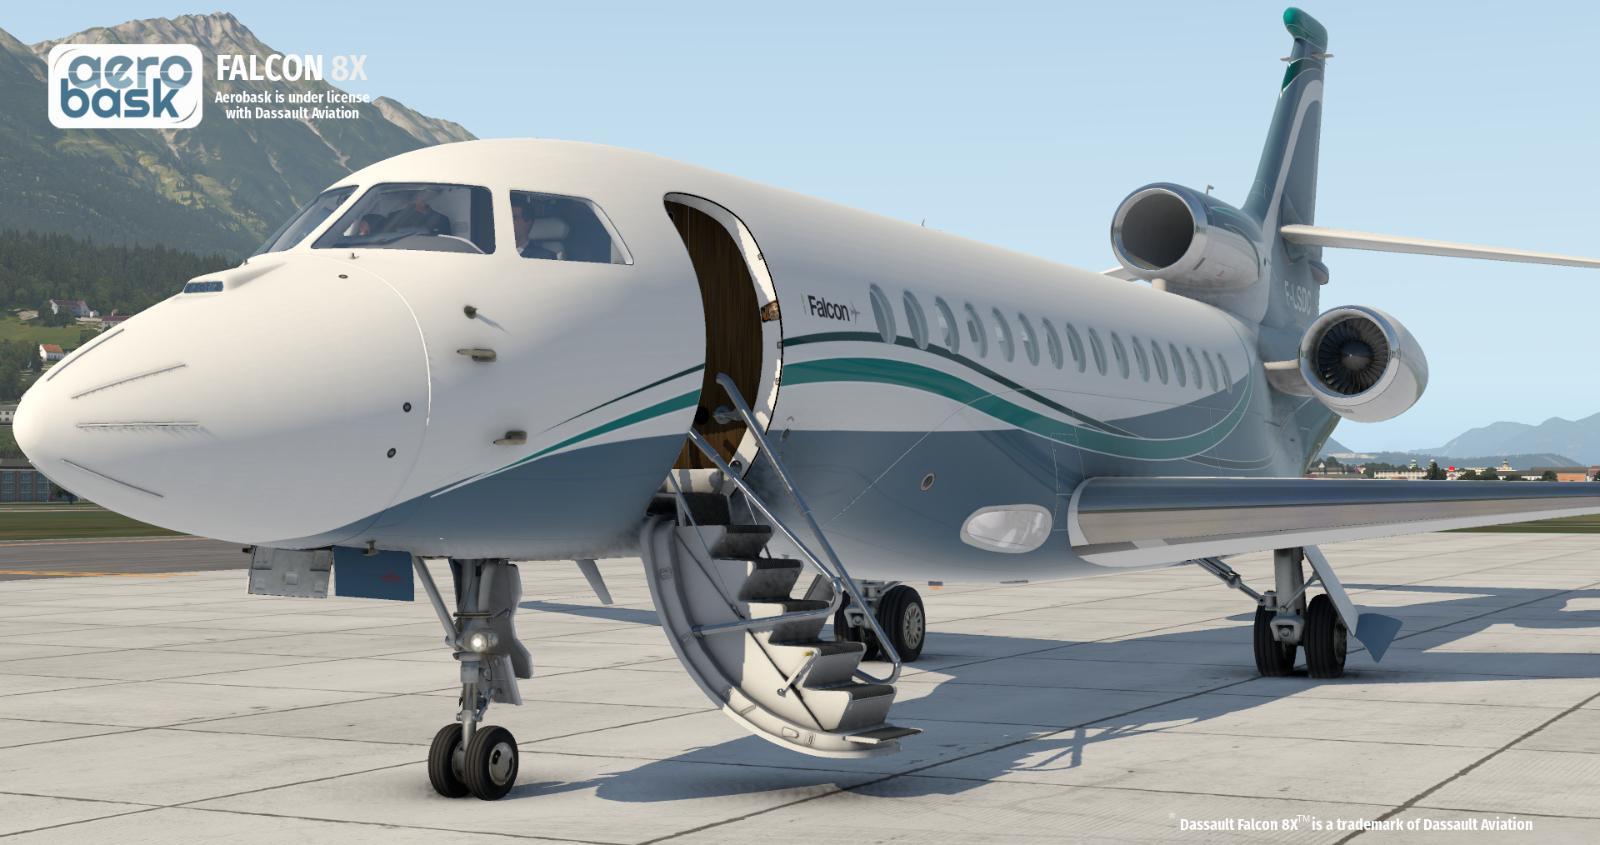 962930262_Aerobask_F8X_6.jpg.b19ba7a61722e778c01212485ee9b910.jpg